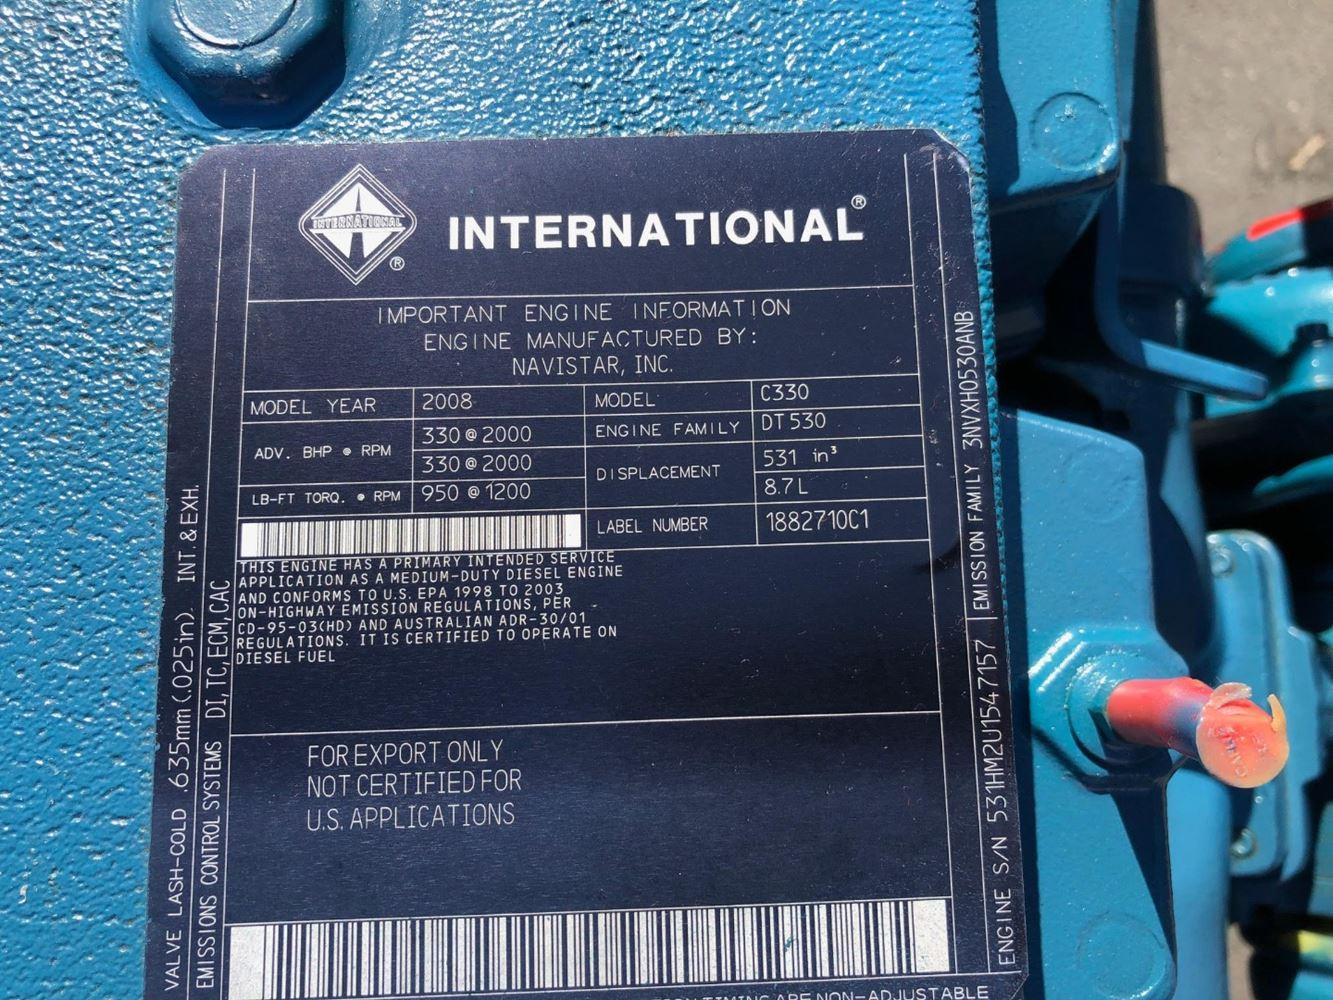 International DT530 (Stock #003973)